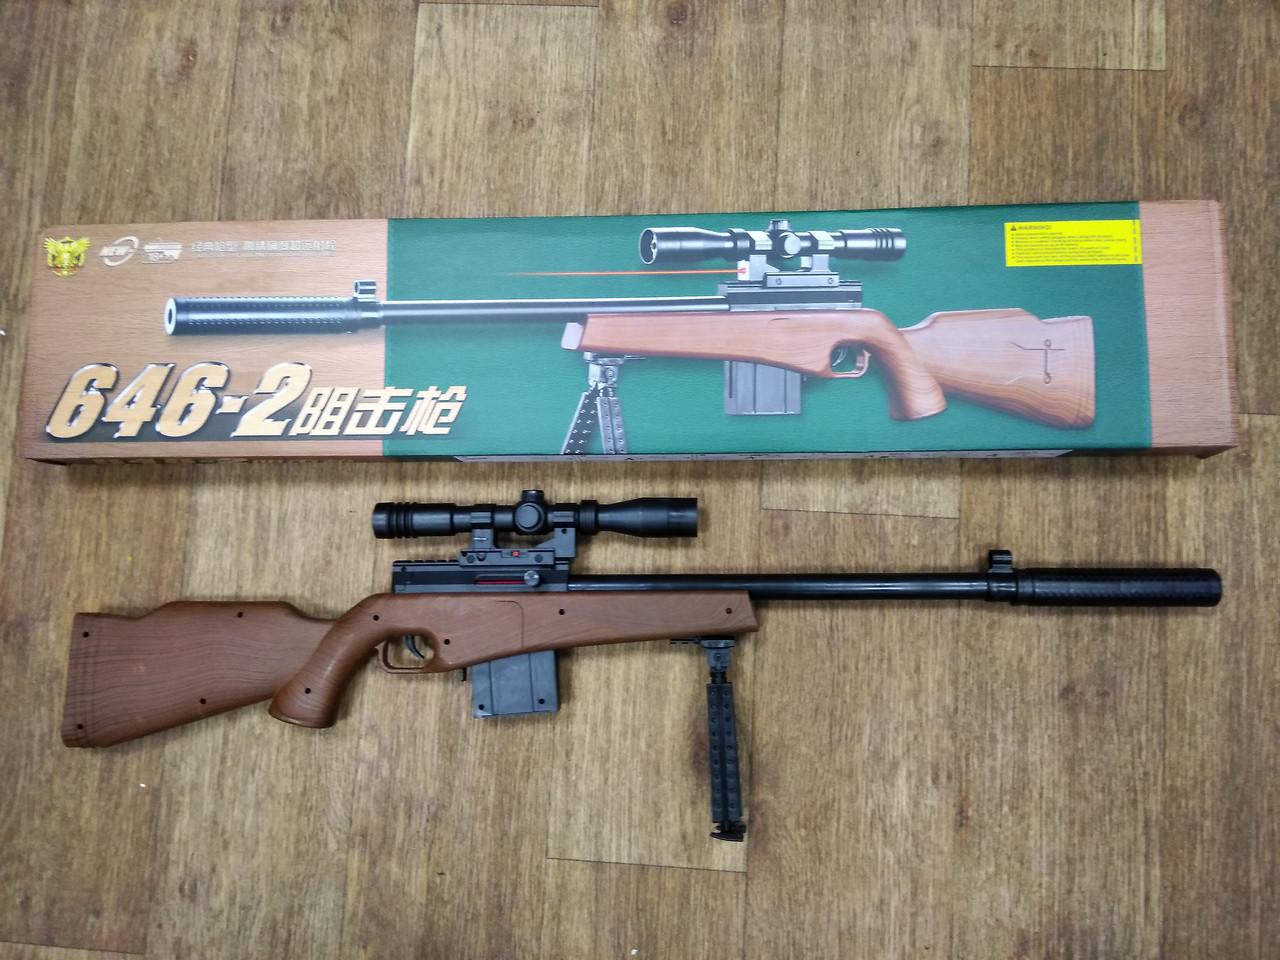 Детская снайперская пневматическая винтовка стреляет пластиковыми пульками 6 мм модель:NO.646-2 - фото 3